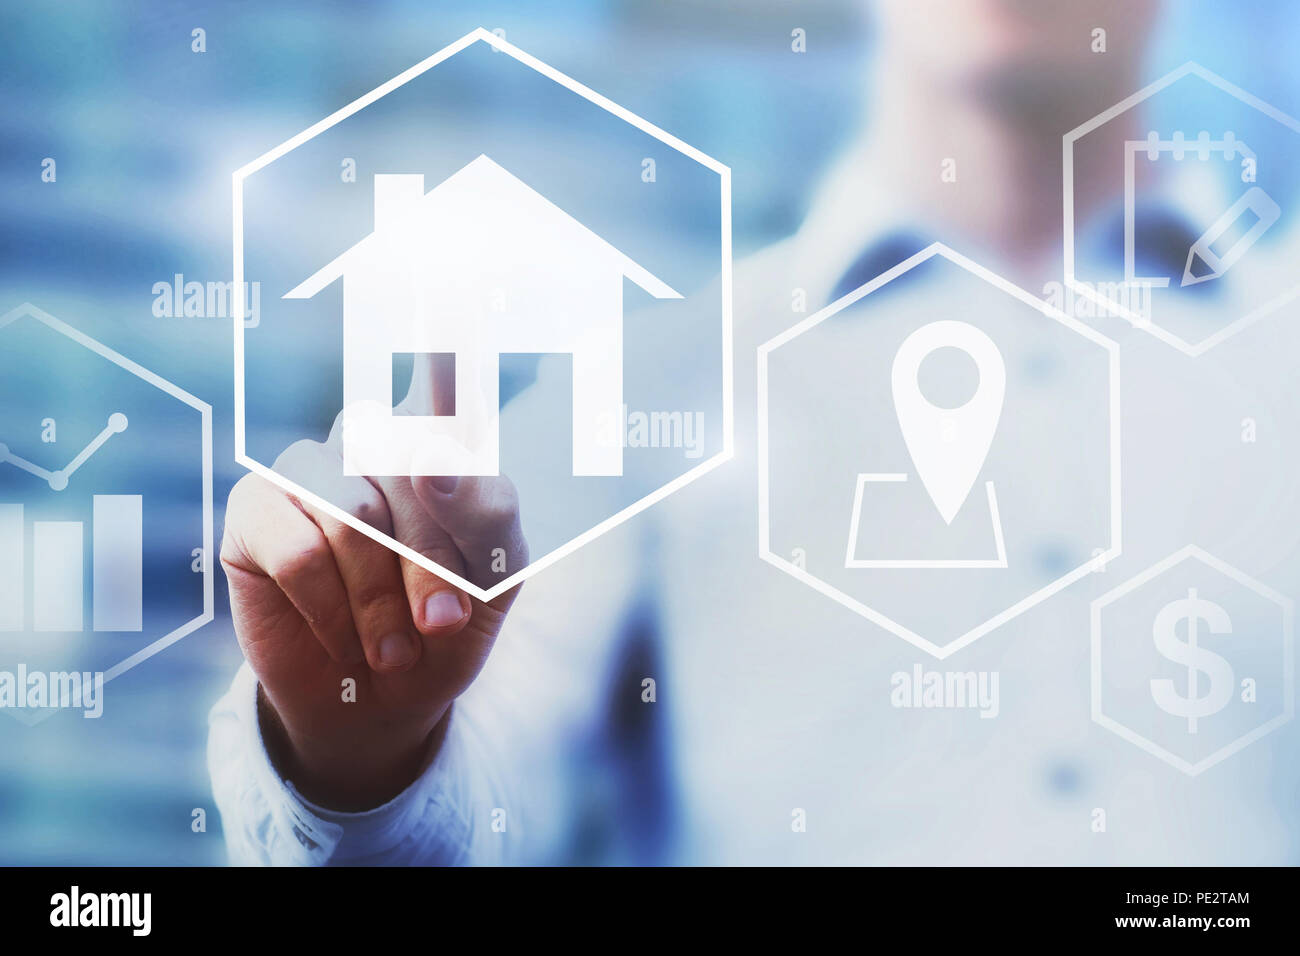 Concepto de inversión inmobiliaria, el valor de la propiedad el diagrama en la pantalla táctil, comprar una casa. Imagen De Stock